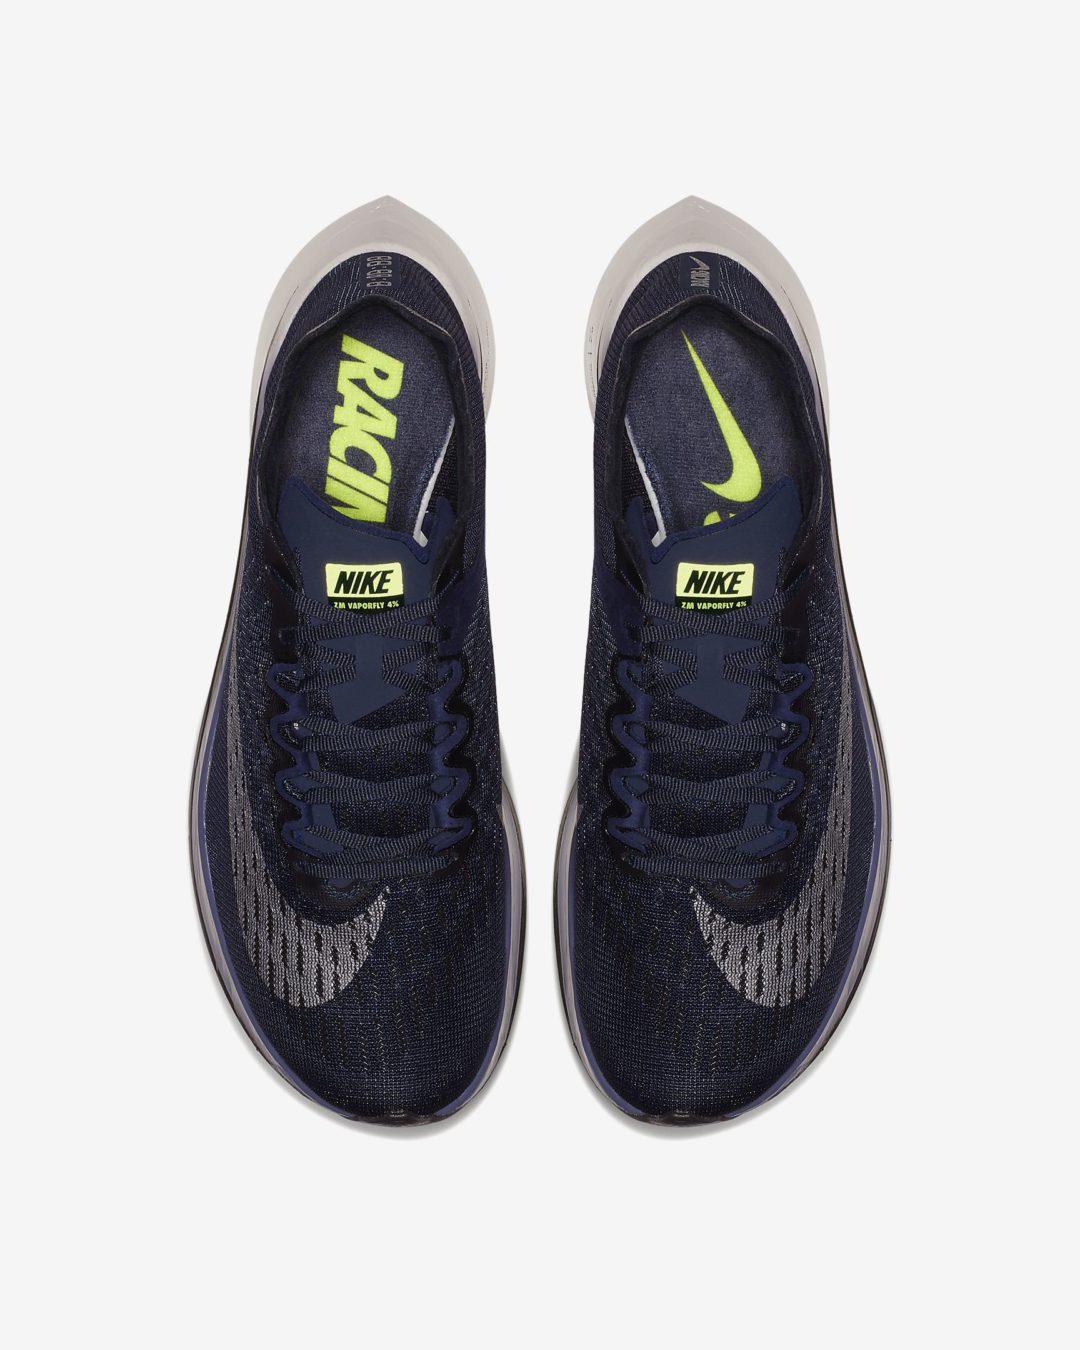 separation shoes 18d6d ee4ee Die neuen Flaggschiffe von Nike  Zoom Vaporfly 4% und Zoom Fly